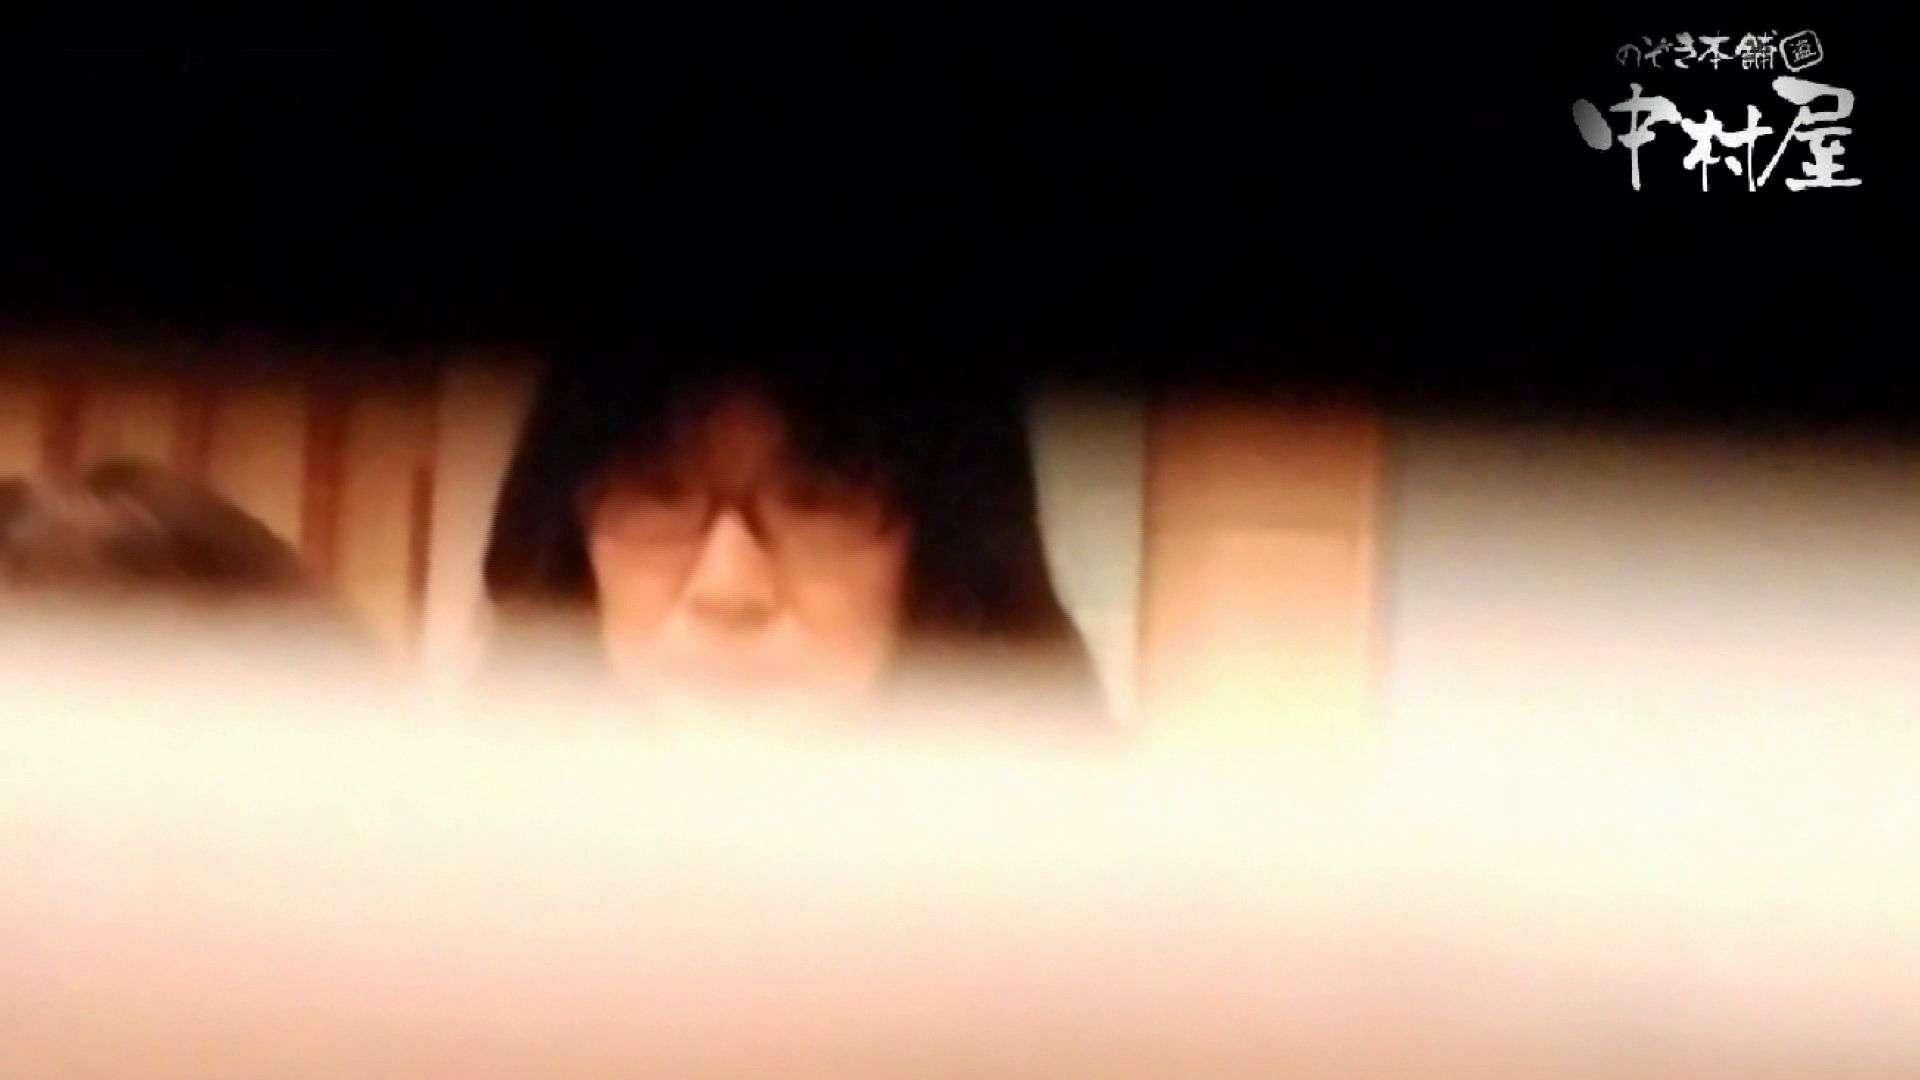 第三体育館潜入撮】第三体育館潜入撮File028 熟女特集!! 丸見えマンコ ワレメ動画紹介 59PIX 49